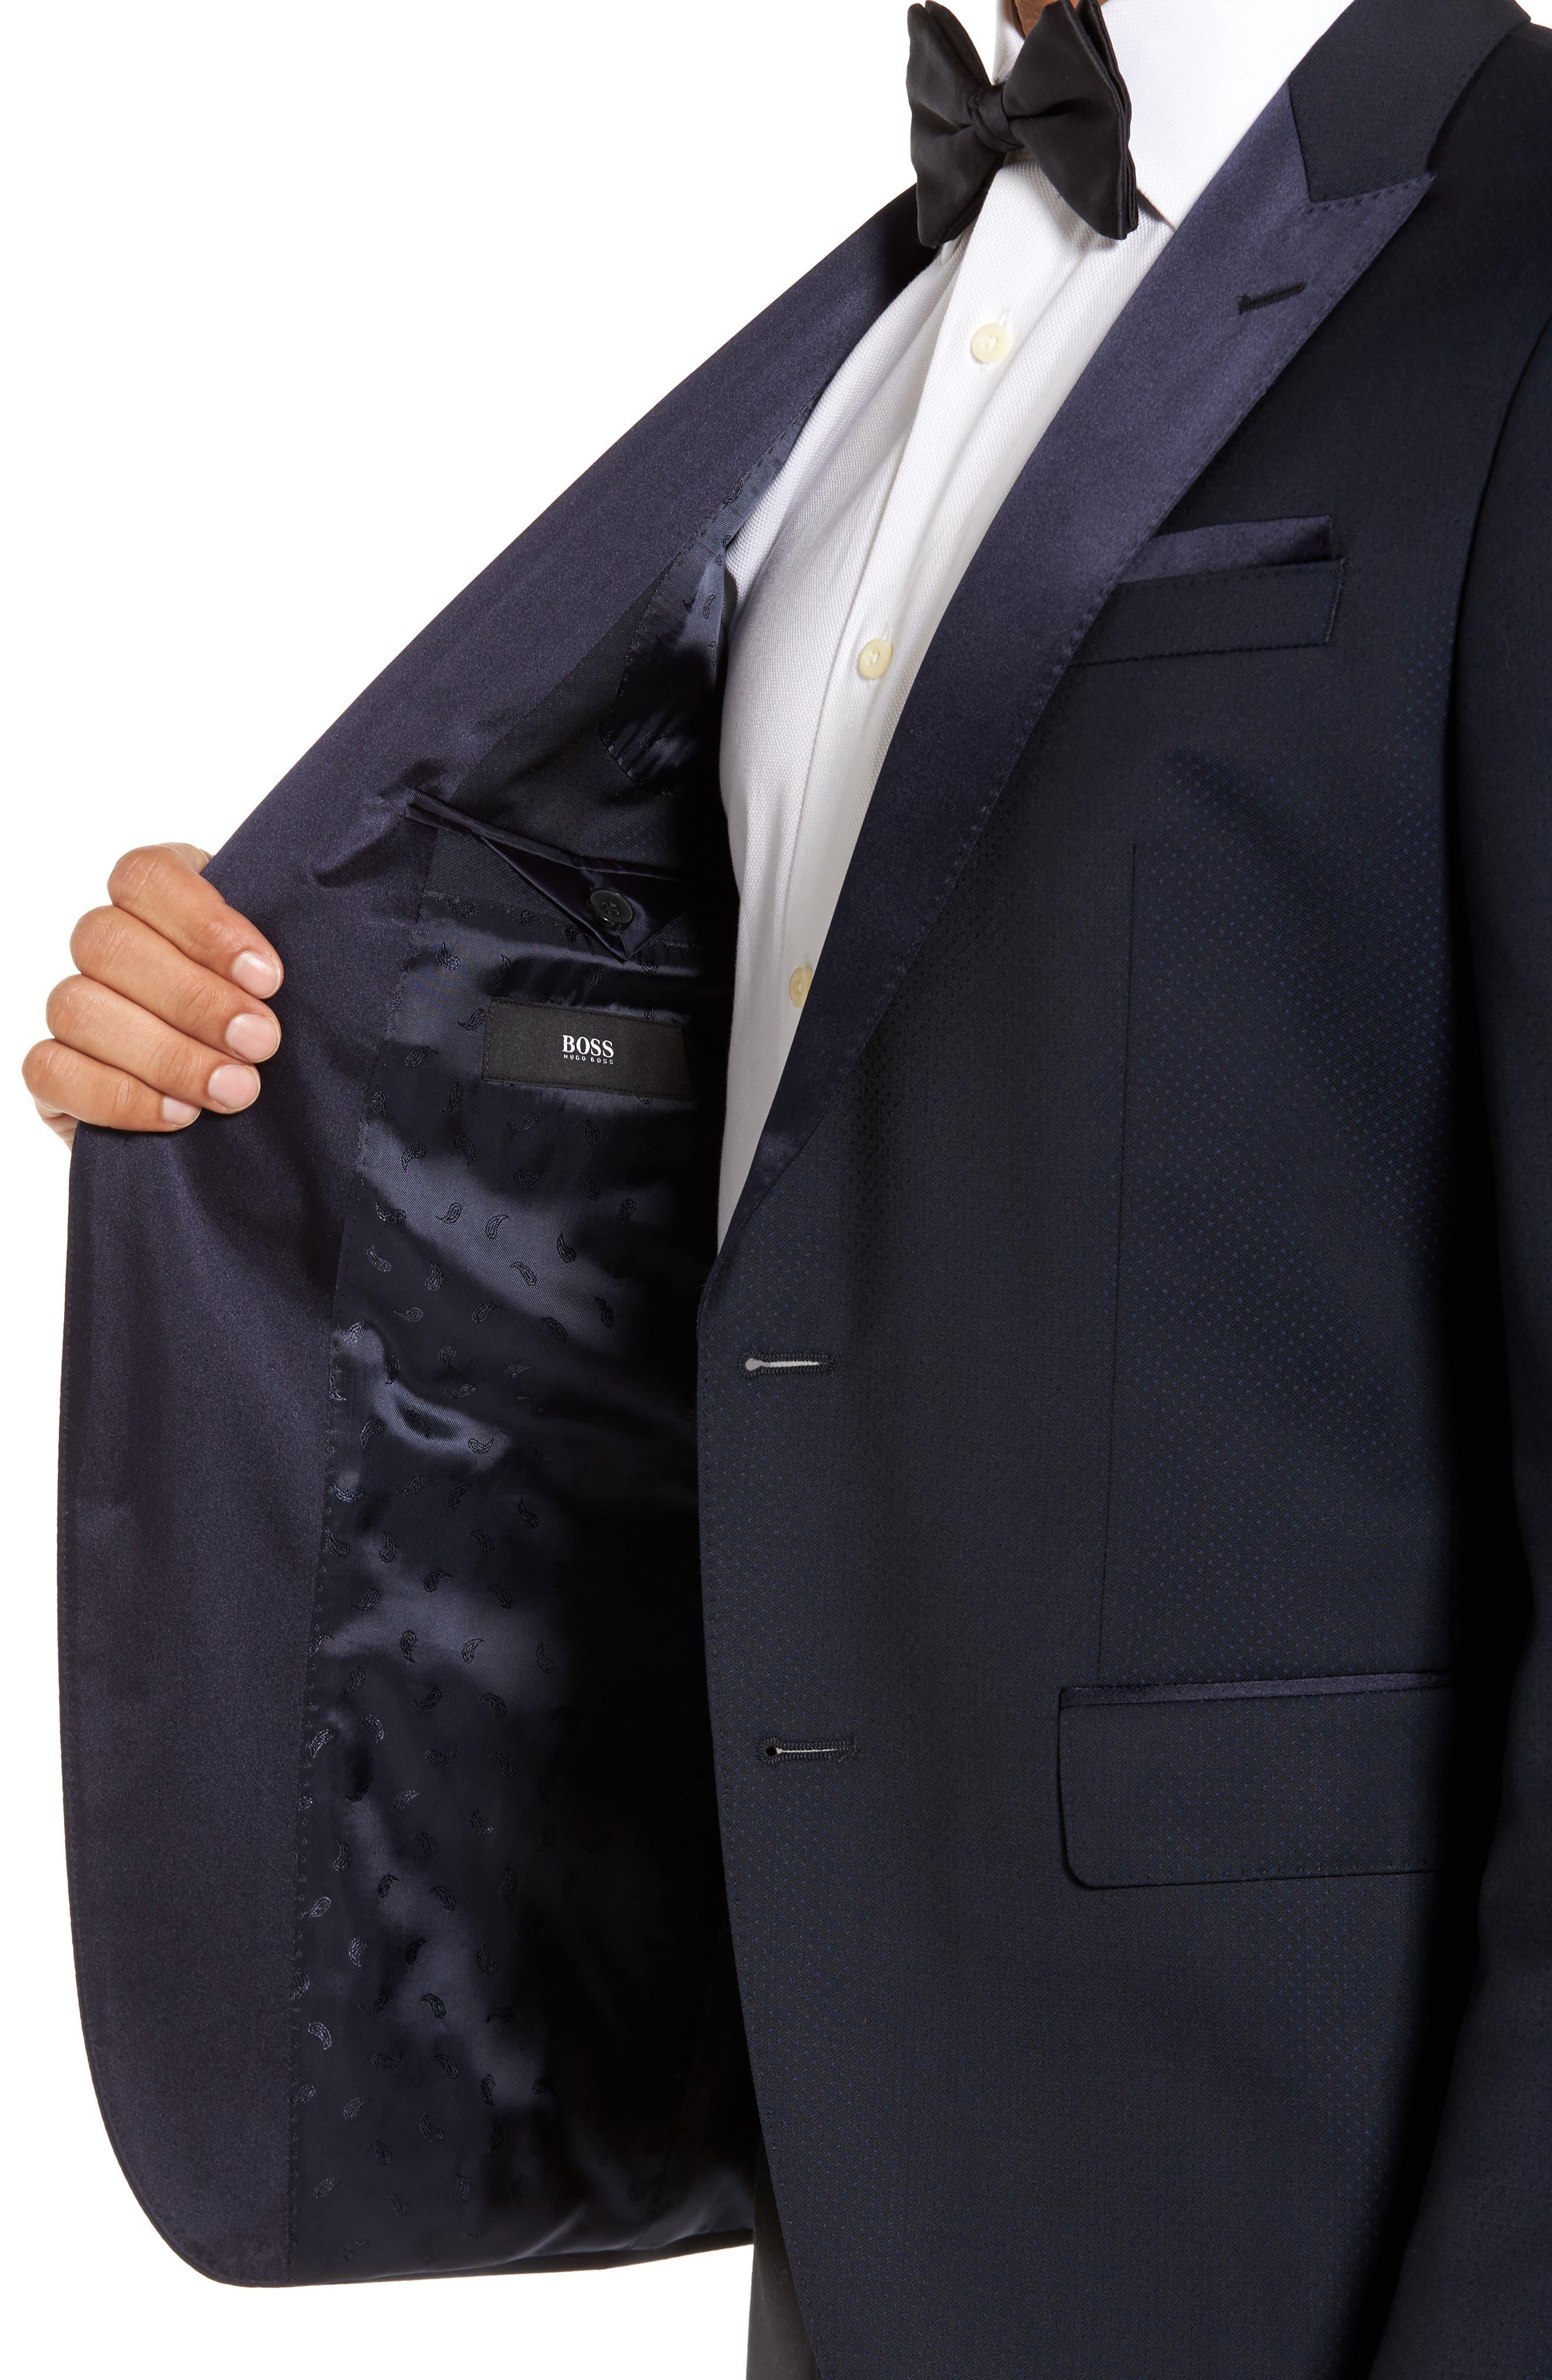 Helward Trim Fit Wool Dinner Jacket,                             Alternate thumbnail 4, color,                             Navy